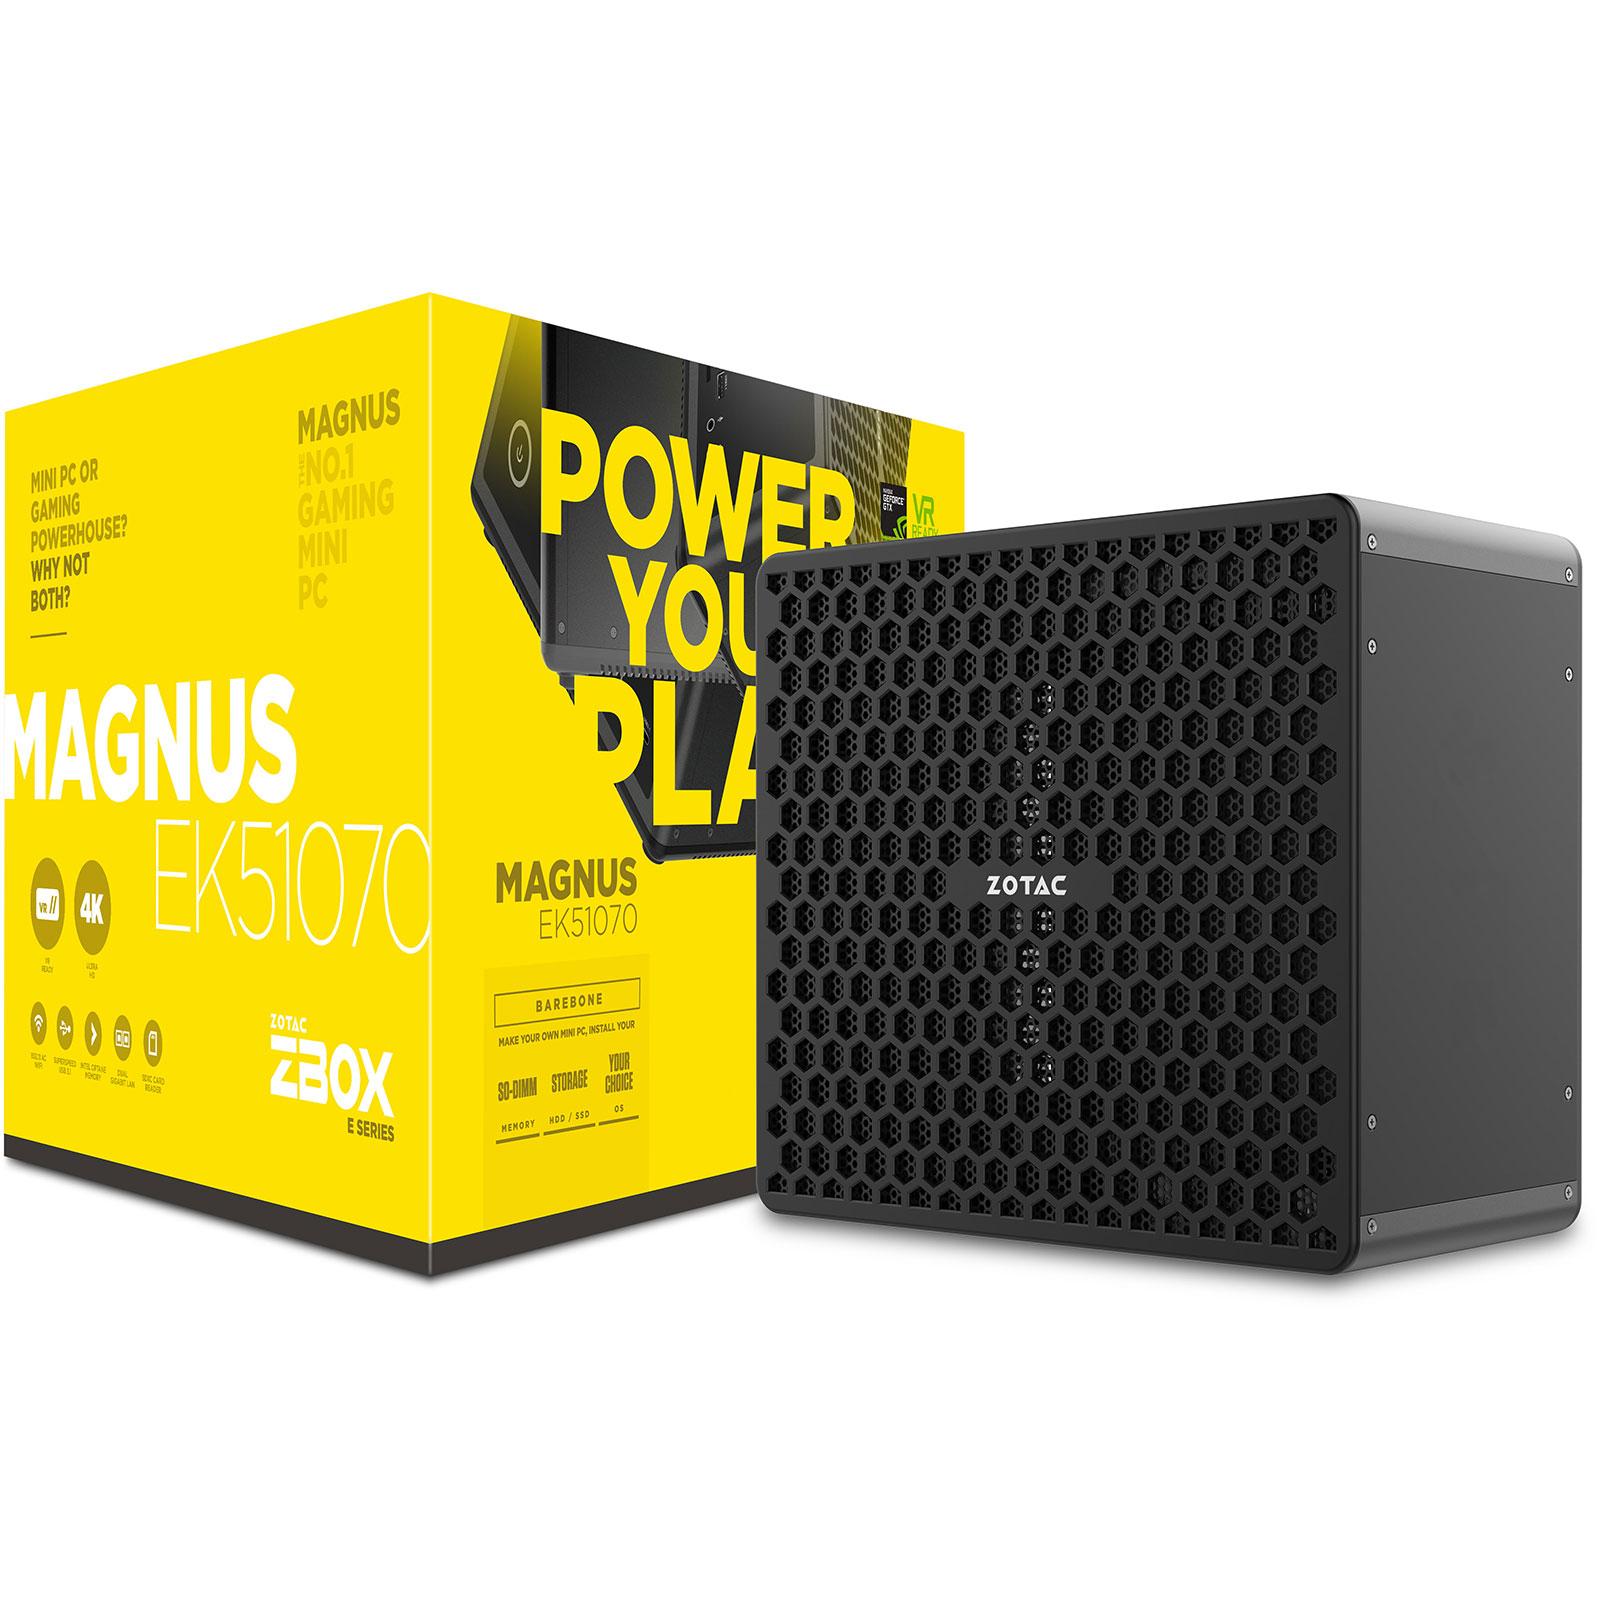 Barebone PC ZOTAC ZBOX MAGNUS EK51070 Intel Core i5-7300HQ GeForce GTX 1070 Wi-Fi AC / Bluetooth 4.2 (sans écran/mémoire/disque dur)